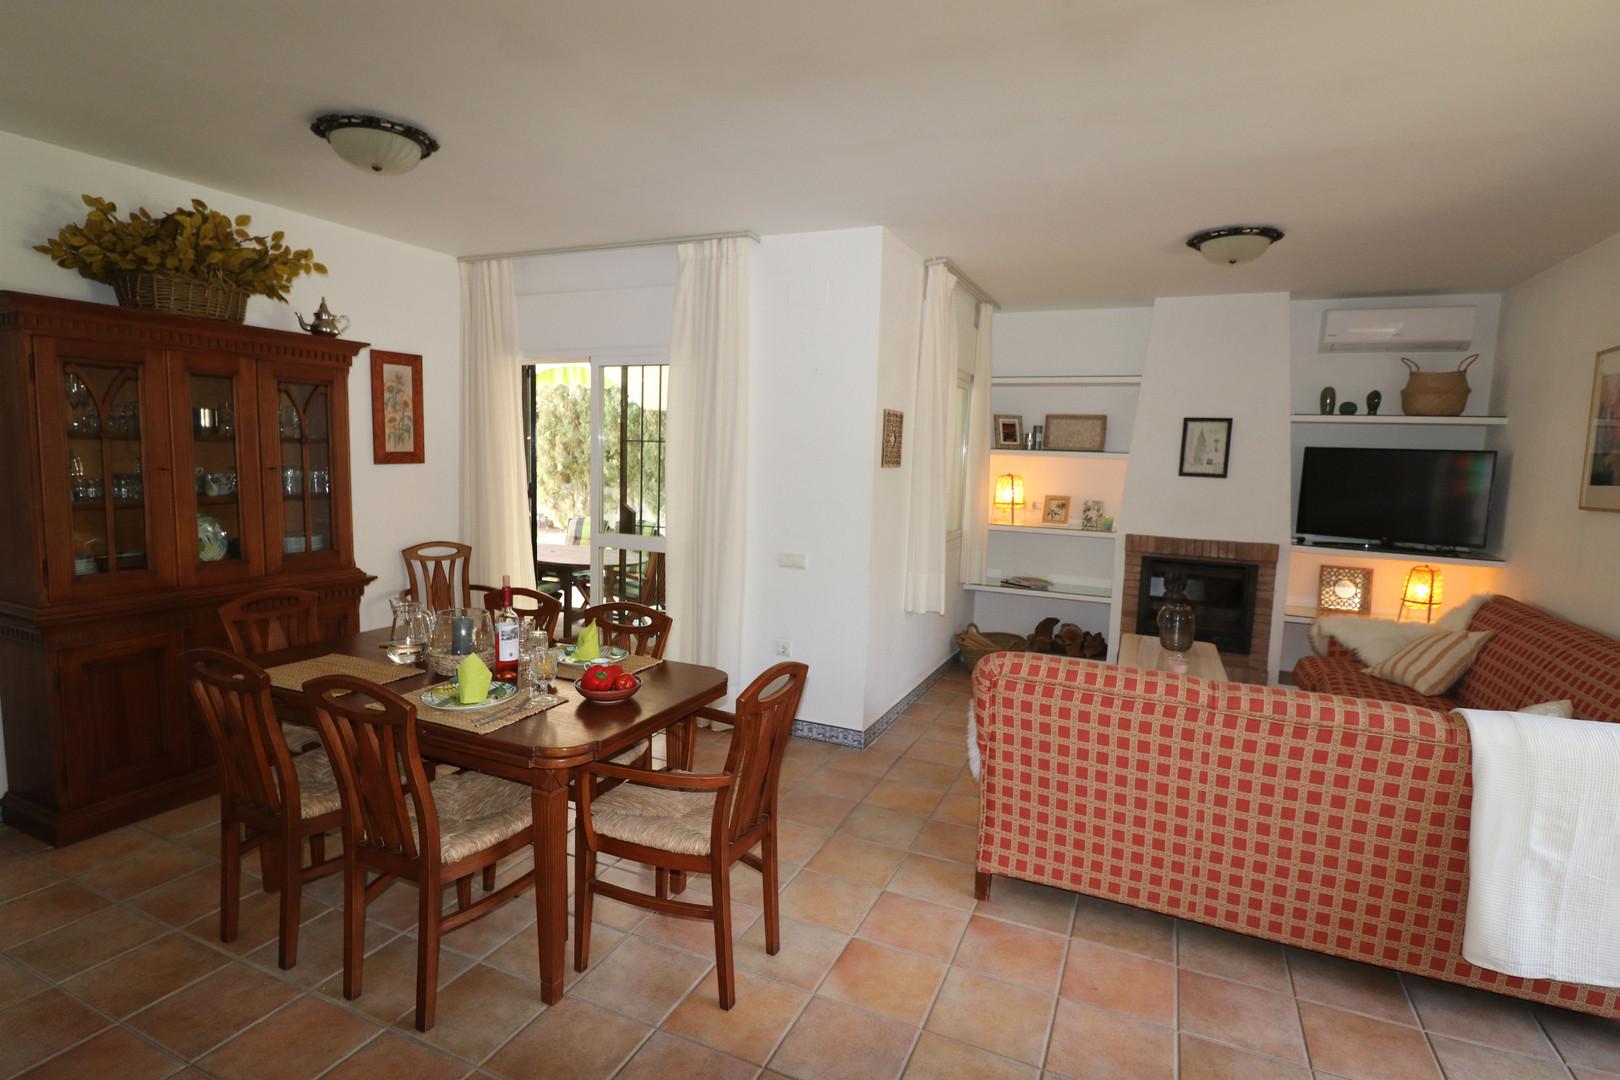 Esszimmer und Wohnzimmer mit Kamin